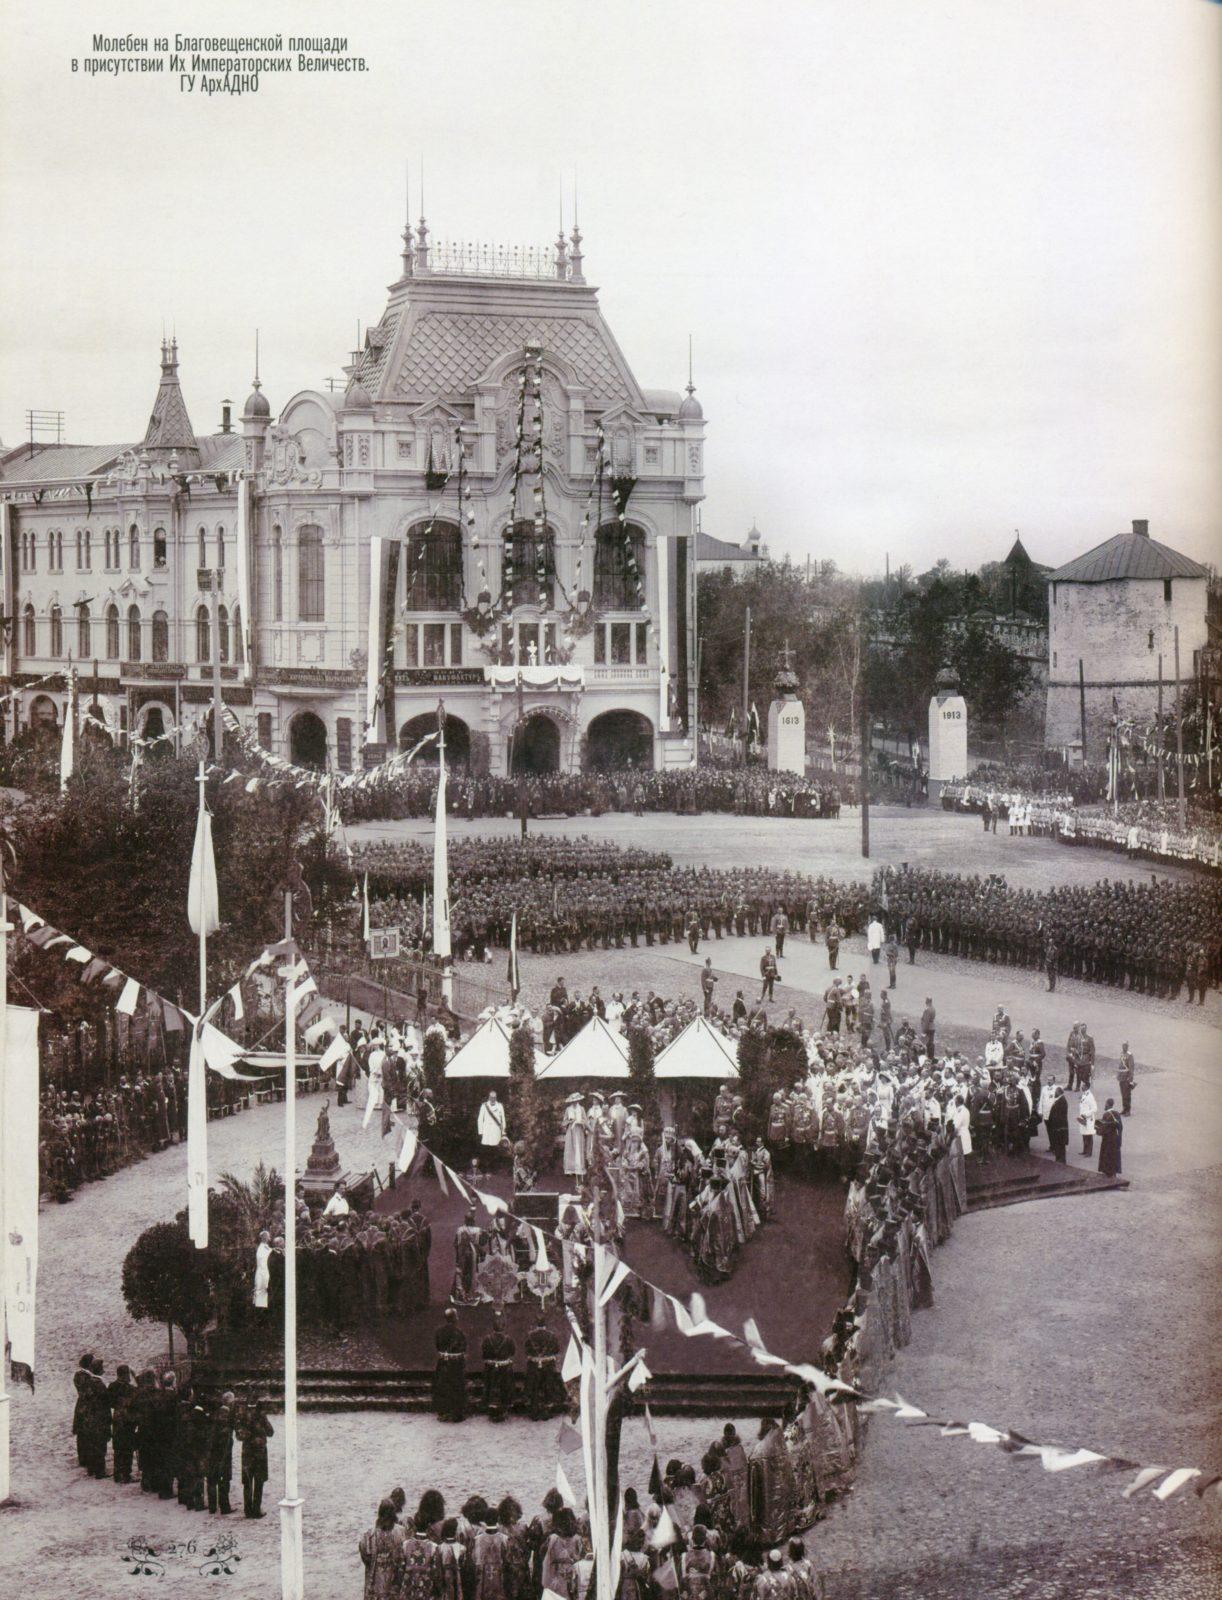 July 17, 1913. Visiting Nizhny Novgorod